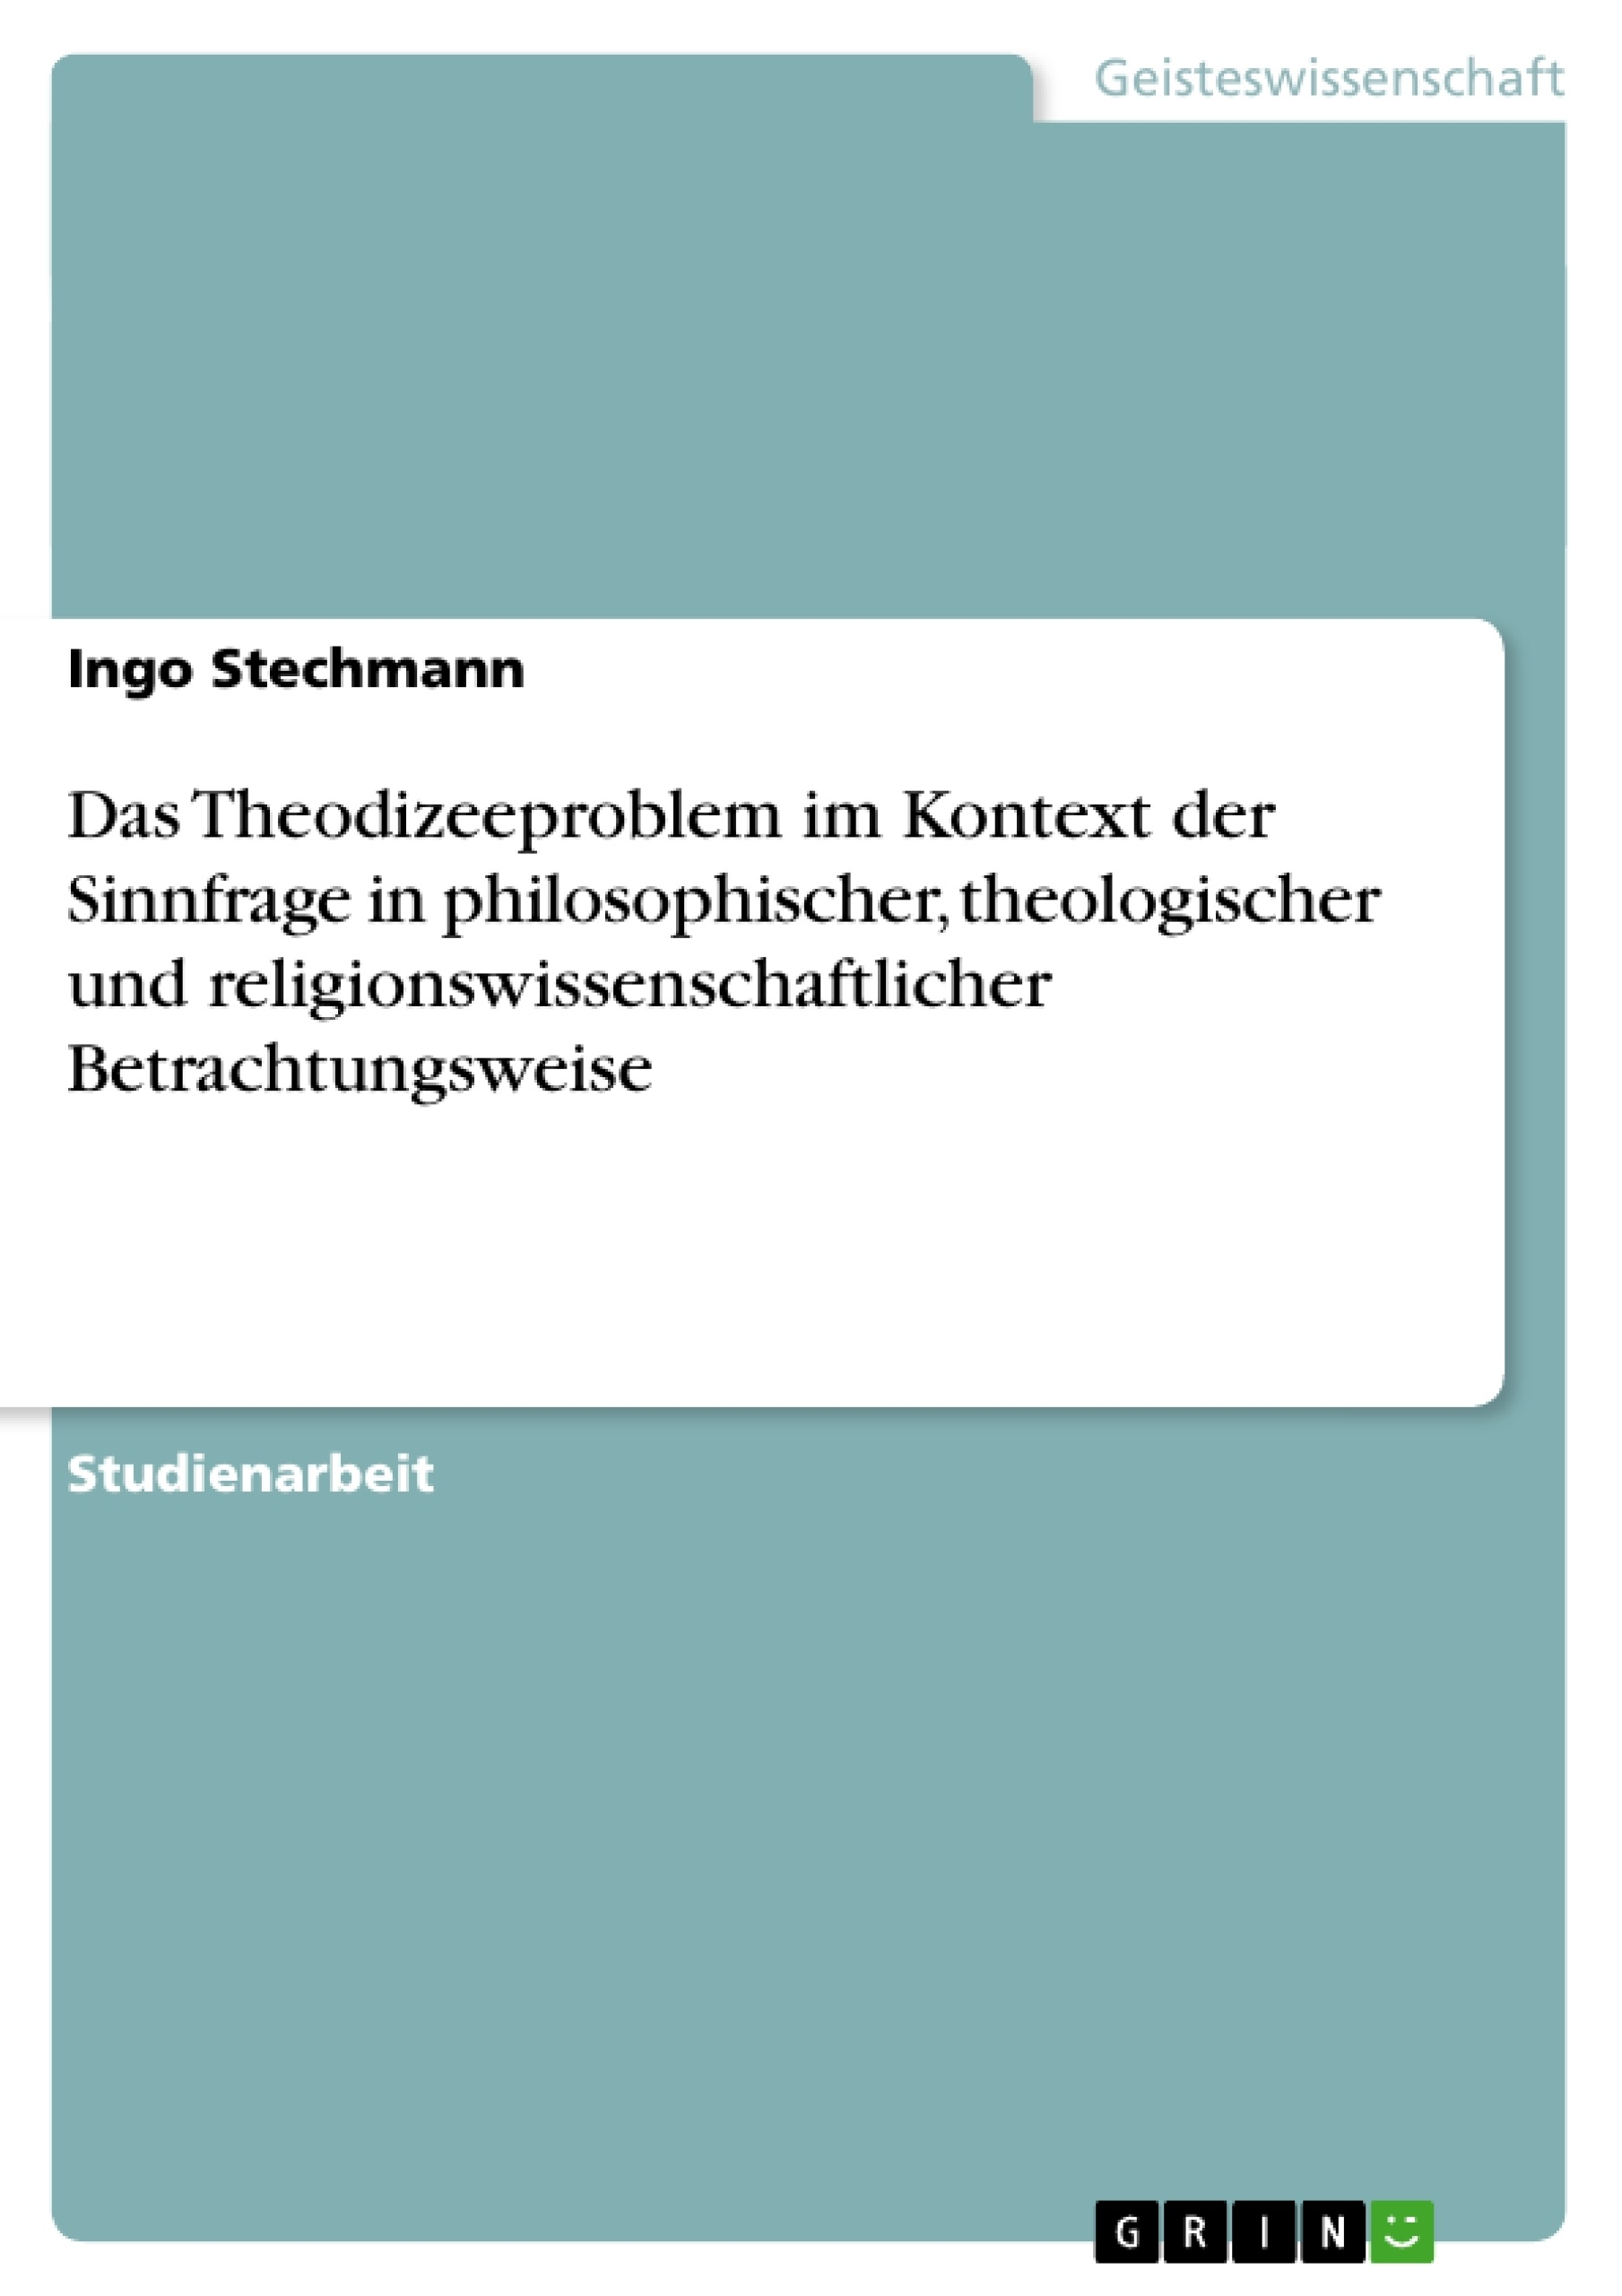 Titel: Das Theodizeeproblem im Kontext der Sinnfrage in philosophischer, theologischer und religionswissenschaftlicher Betrachtungsweise